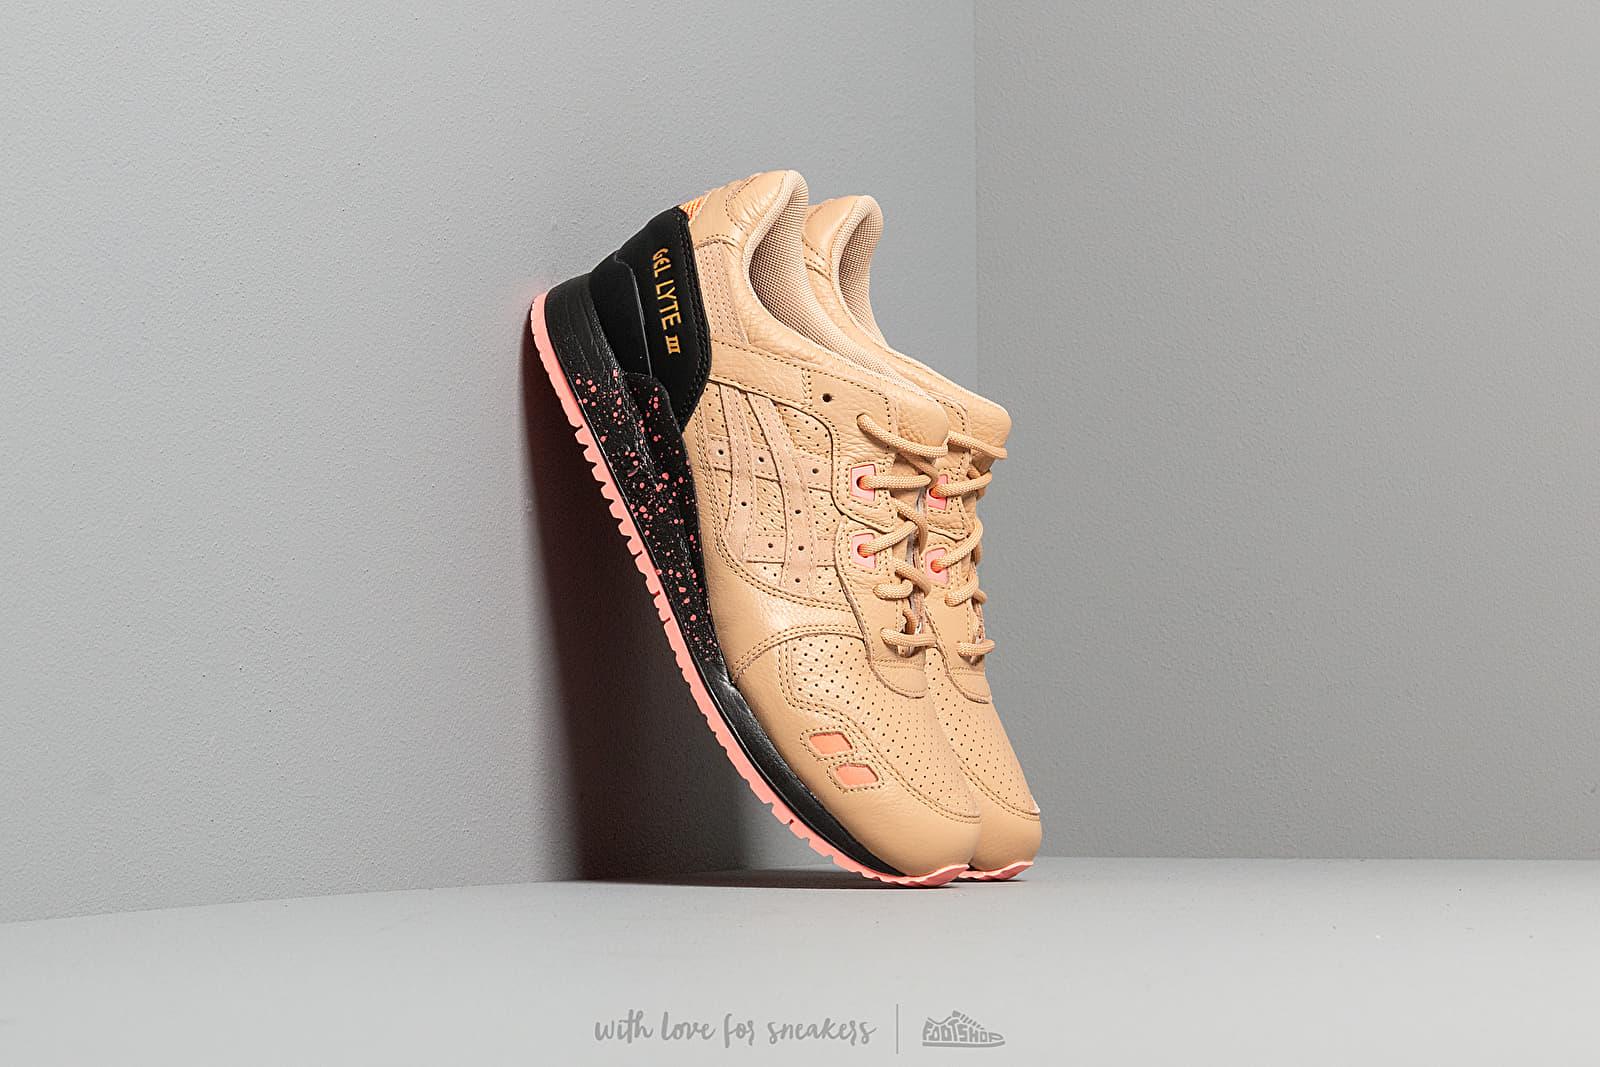 asics x Sneaker Freaker Gel-Lyte III Beige/ Pink at a great price 141 € buy at Footshop